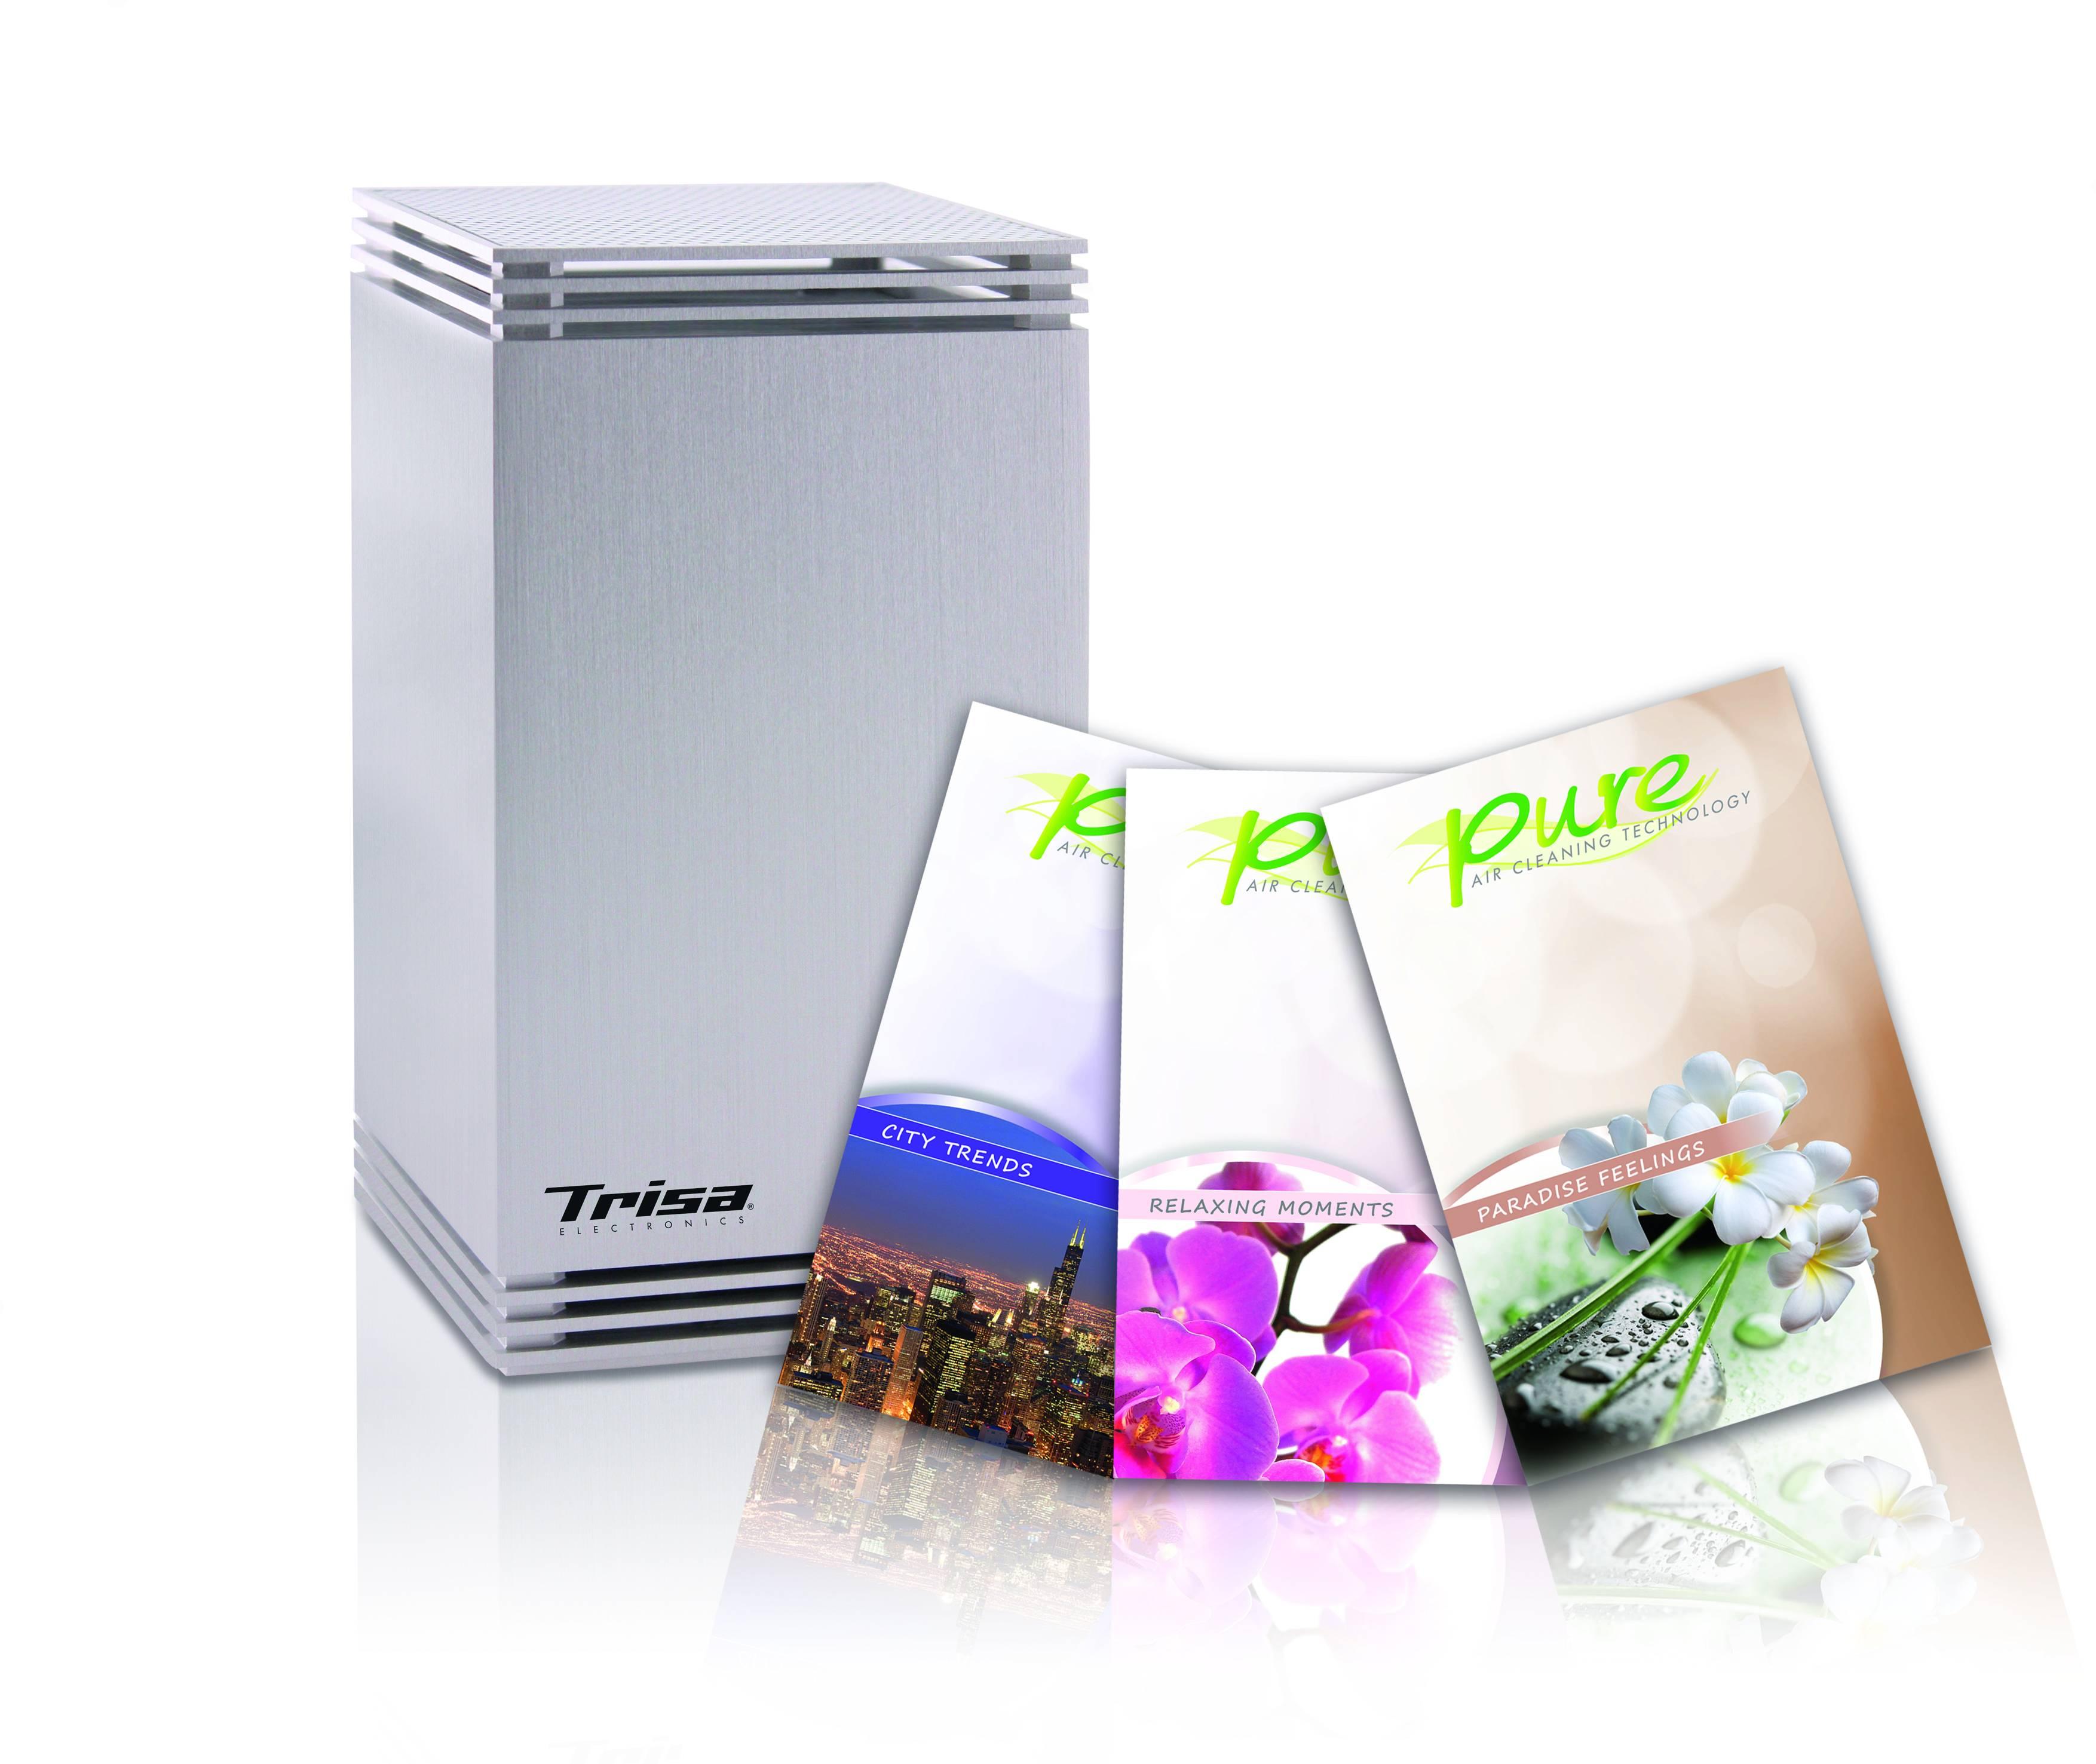 Odorizant de camera Trisa Pure, 3 rezerve incluse